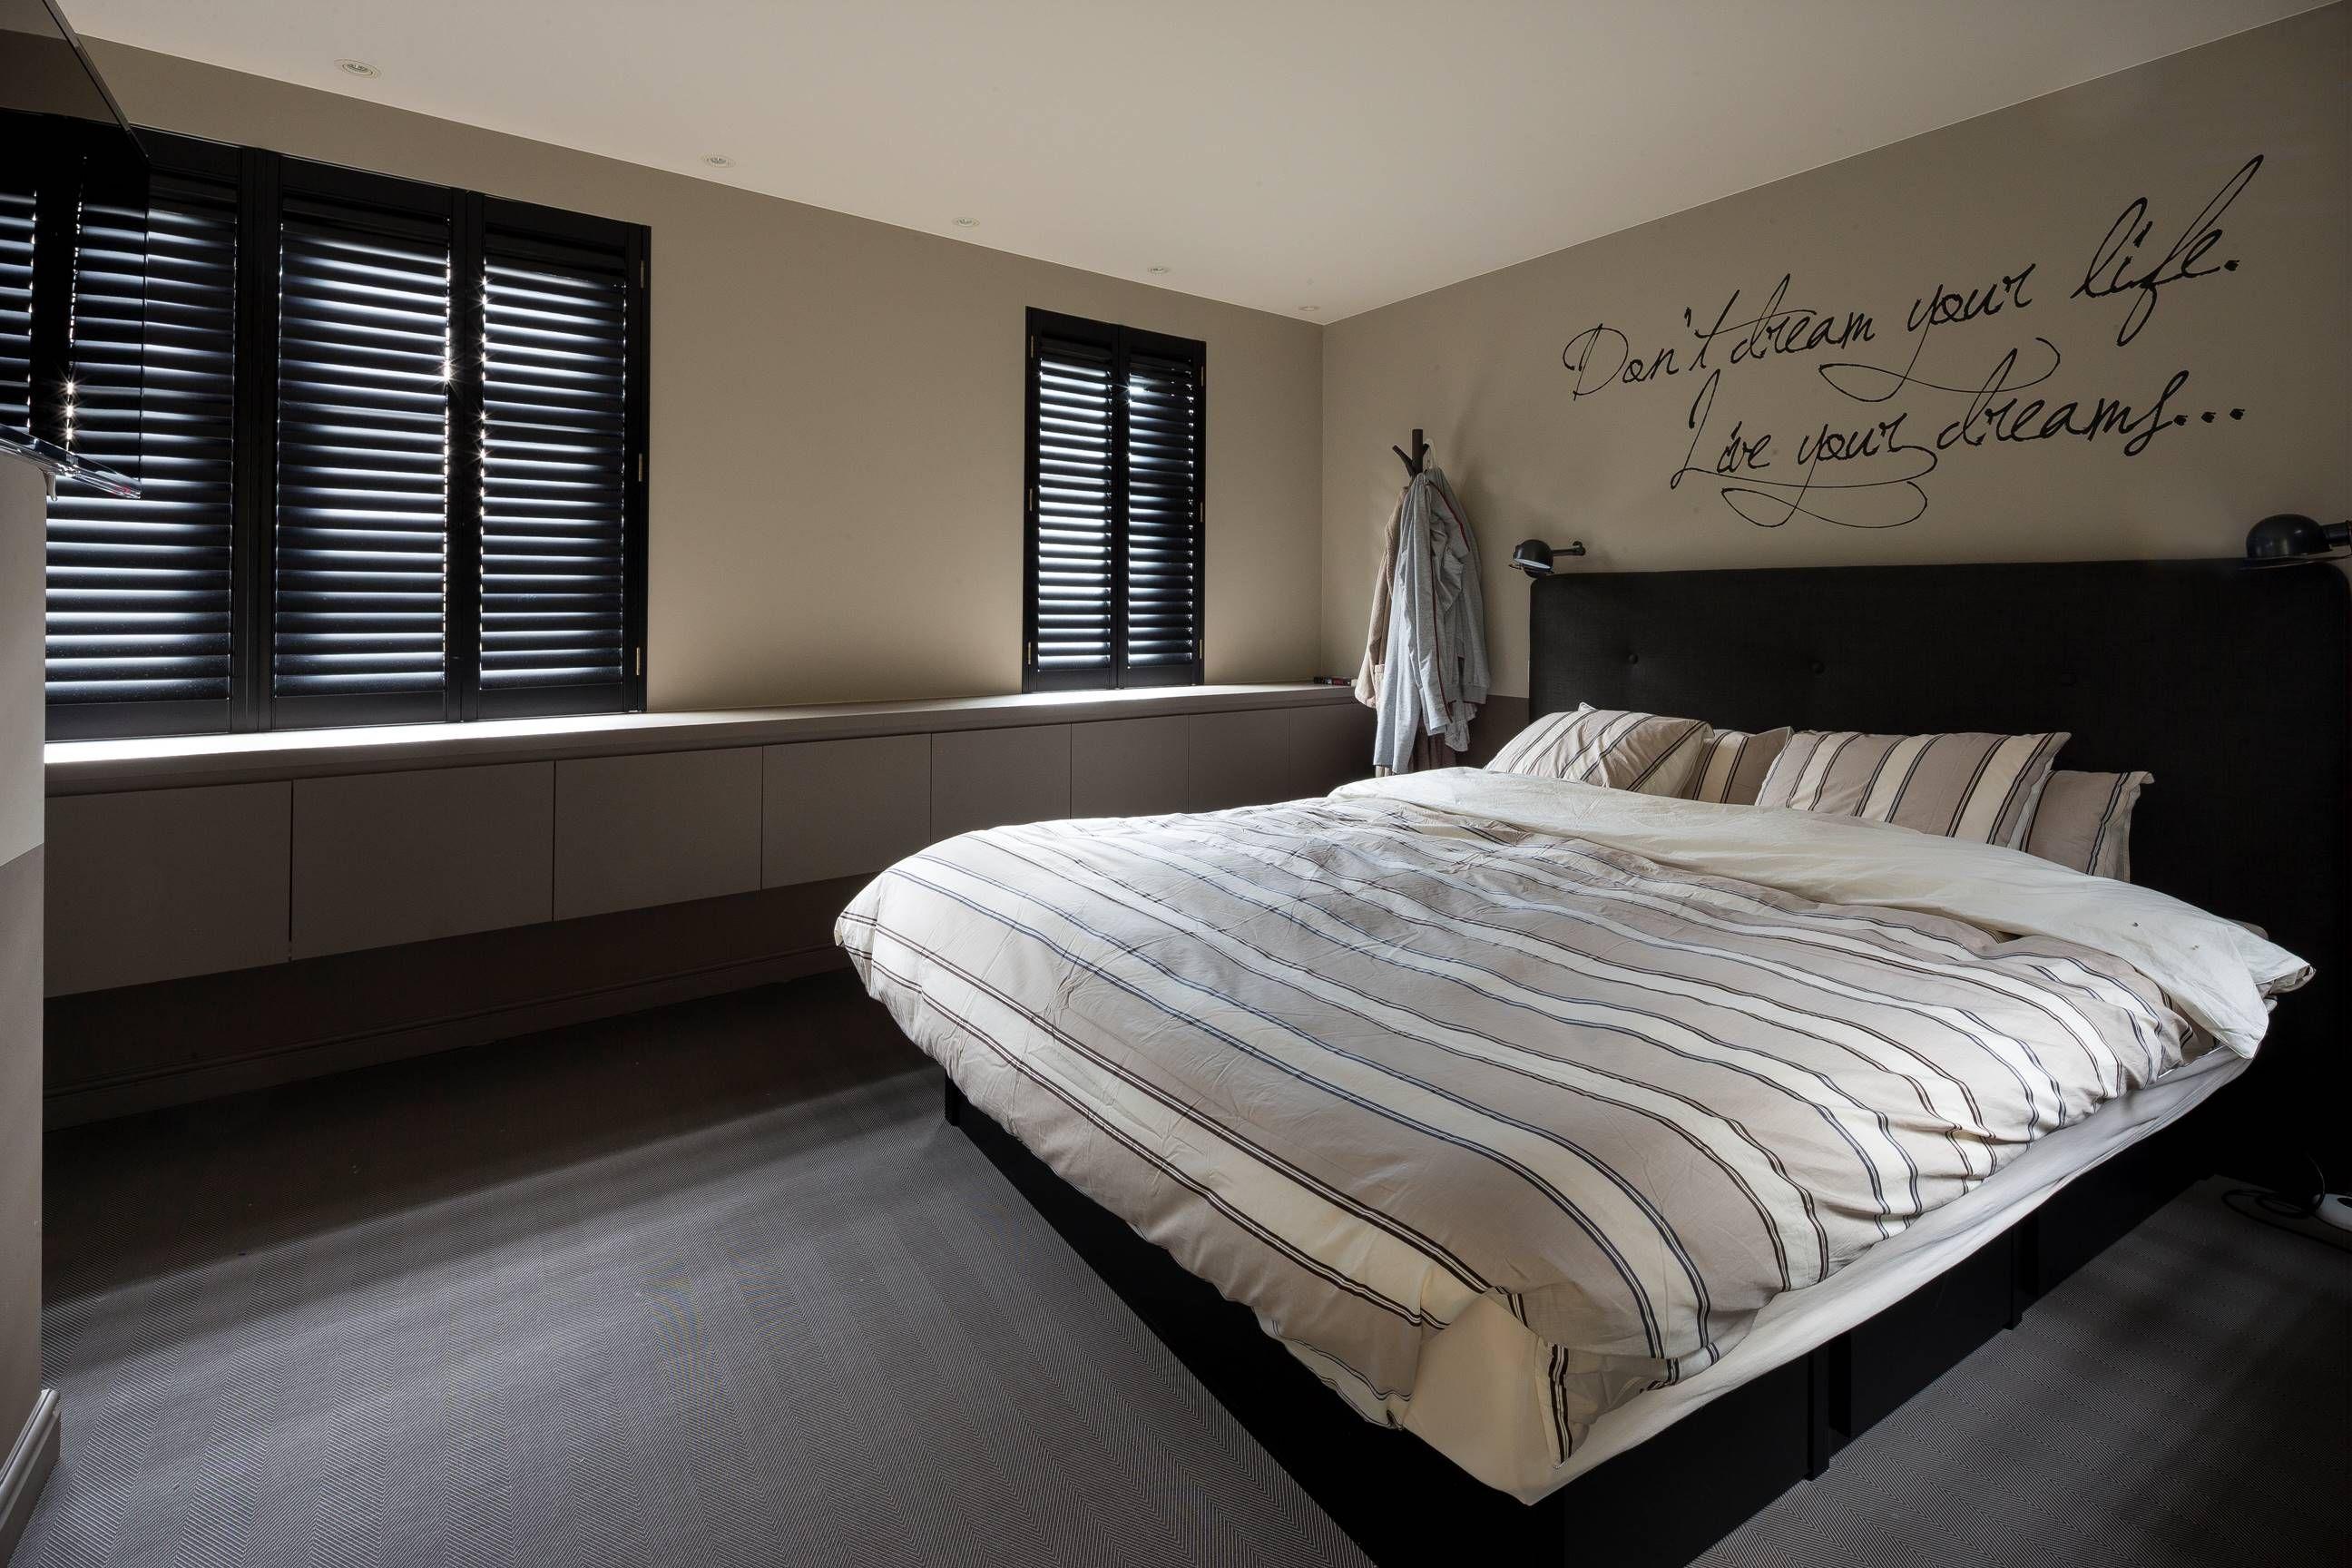 Shutters Werken Verduisterend Dus Zijn Ideaal Als Raamdecoratie Op De Slaapkamer Shutters Zijn Verkrijgbaar Slaapkamer Raambekleding Slaapkamer Raamdecoratie